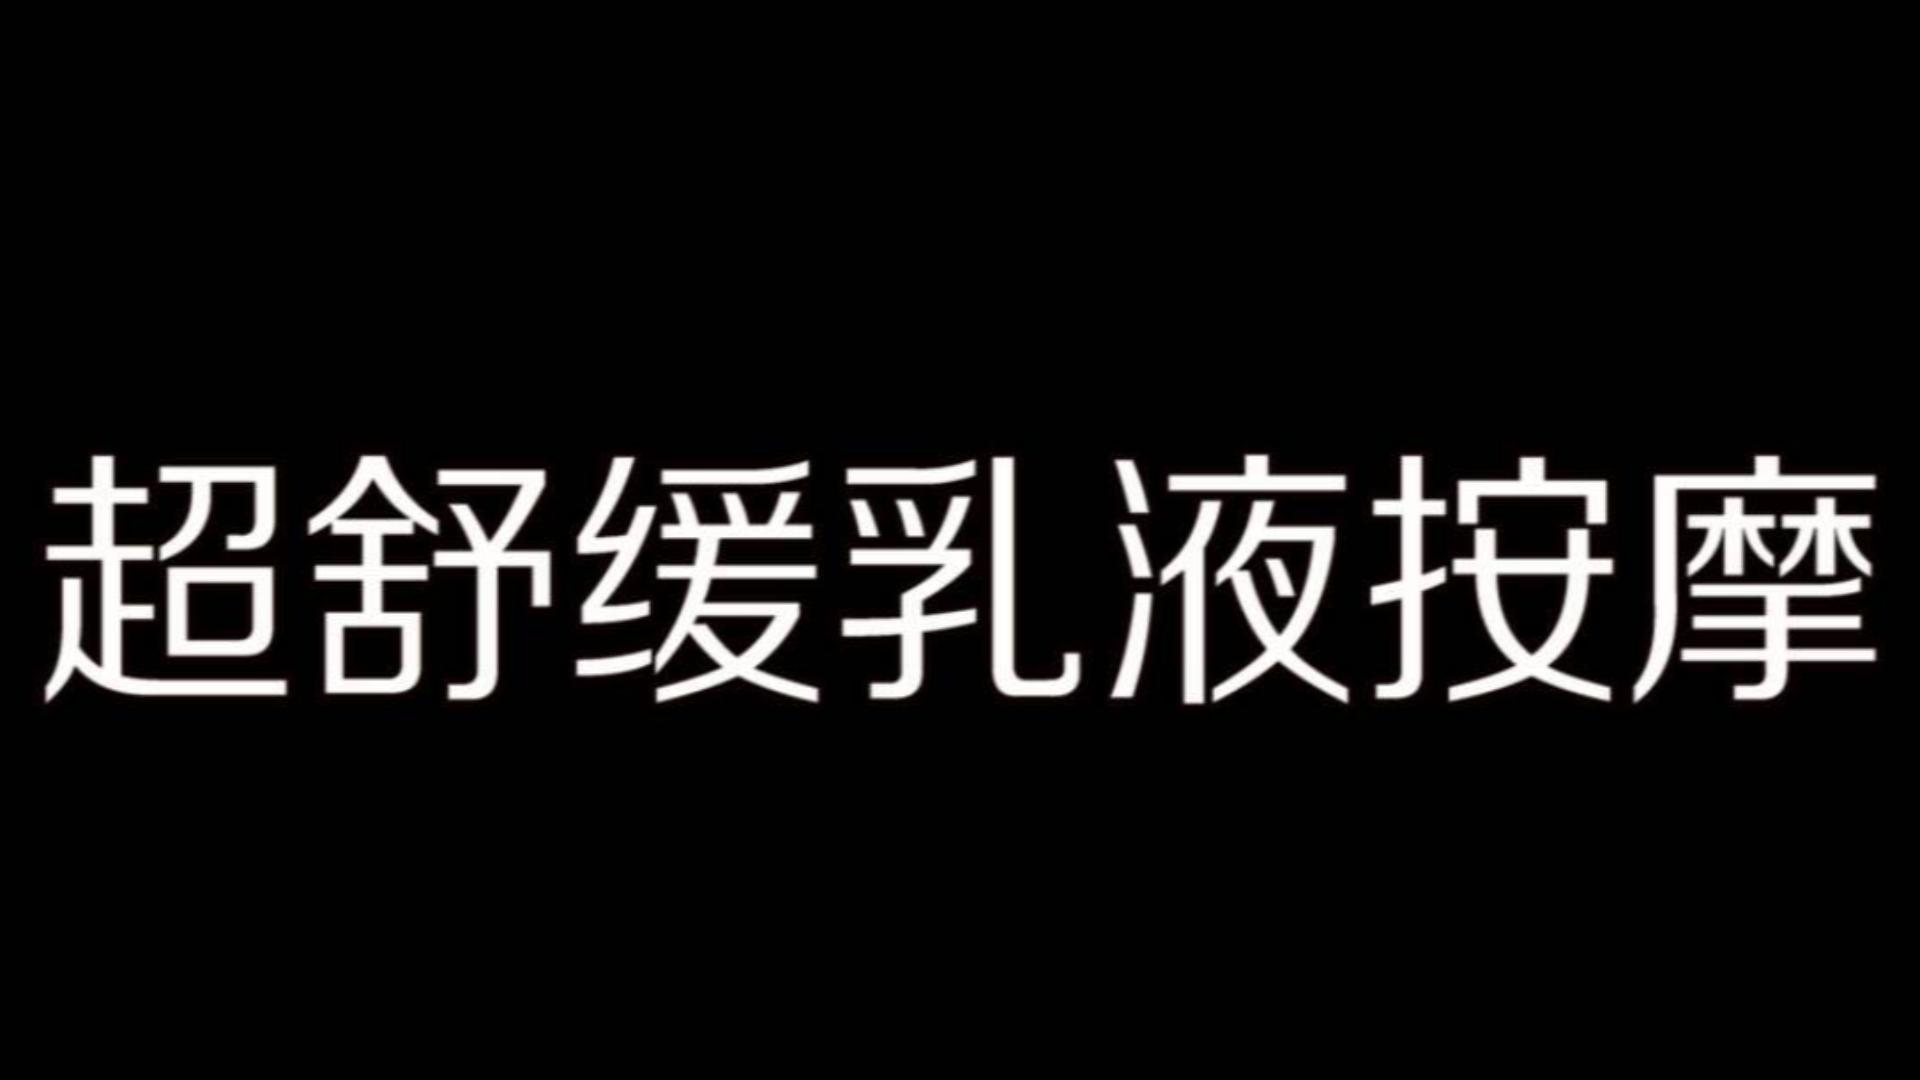 酥酥麻麻乳液按摩 耳部护理【短喵眠音】